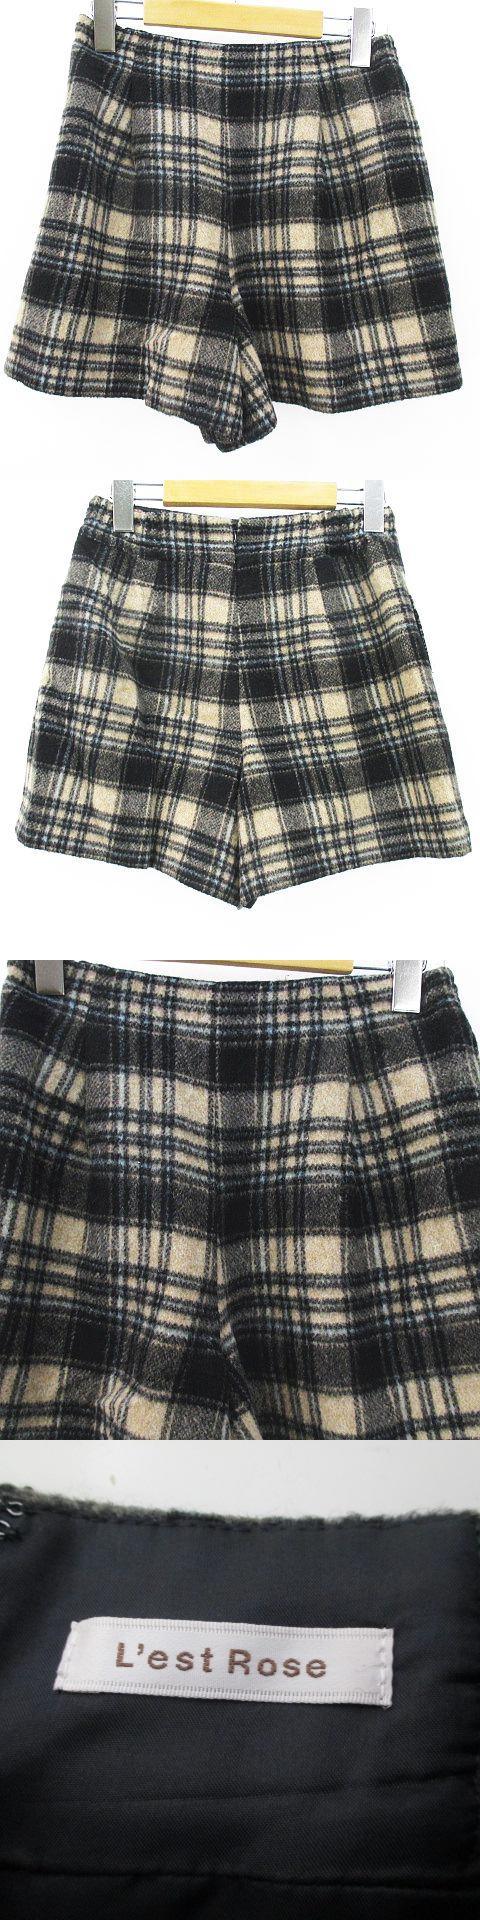 チェック柄 ショートパンツ 2 ベージュ系 裏地 バックファスナー ウール 毛 日本製